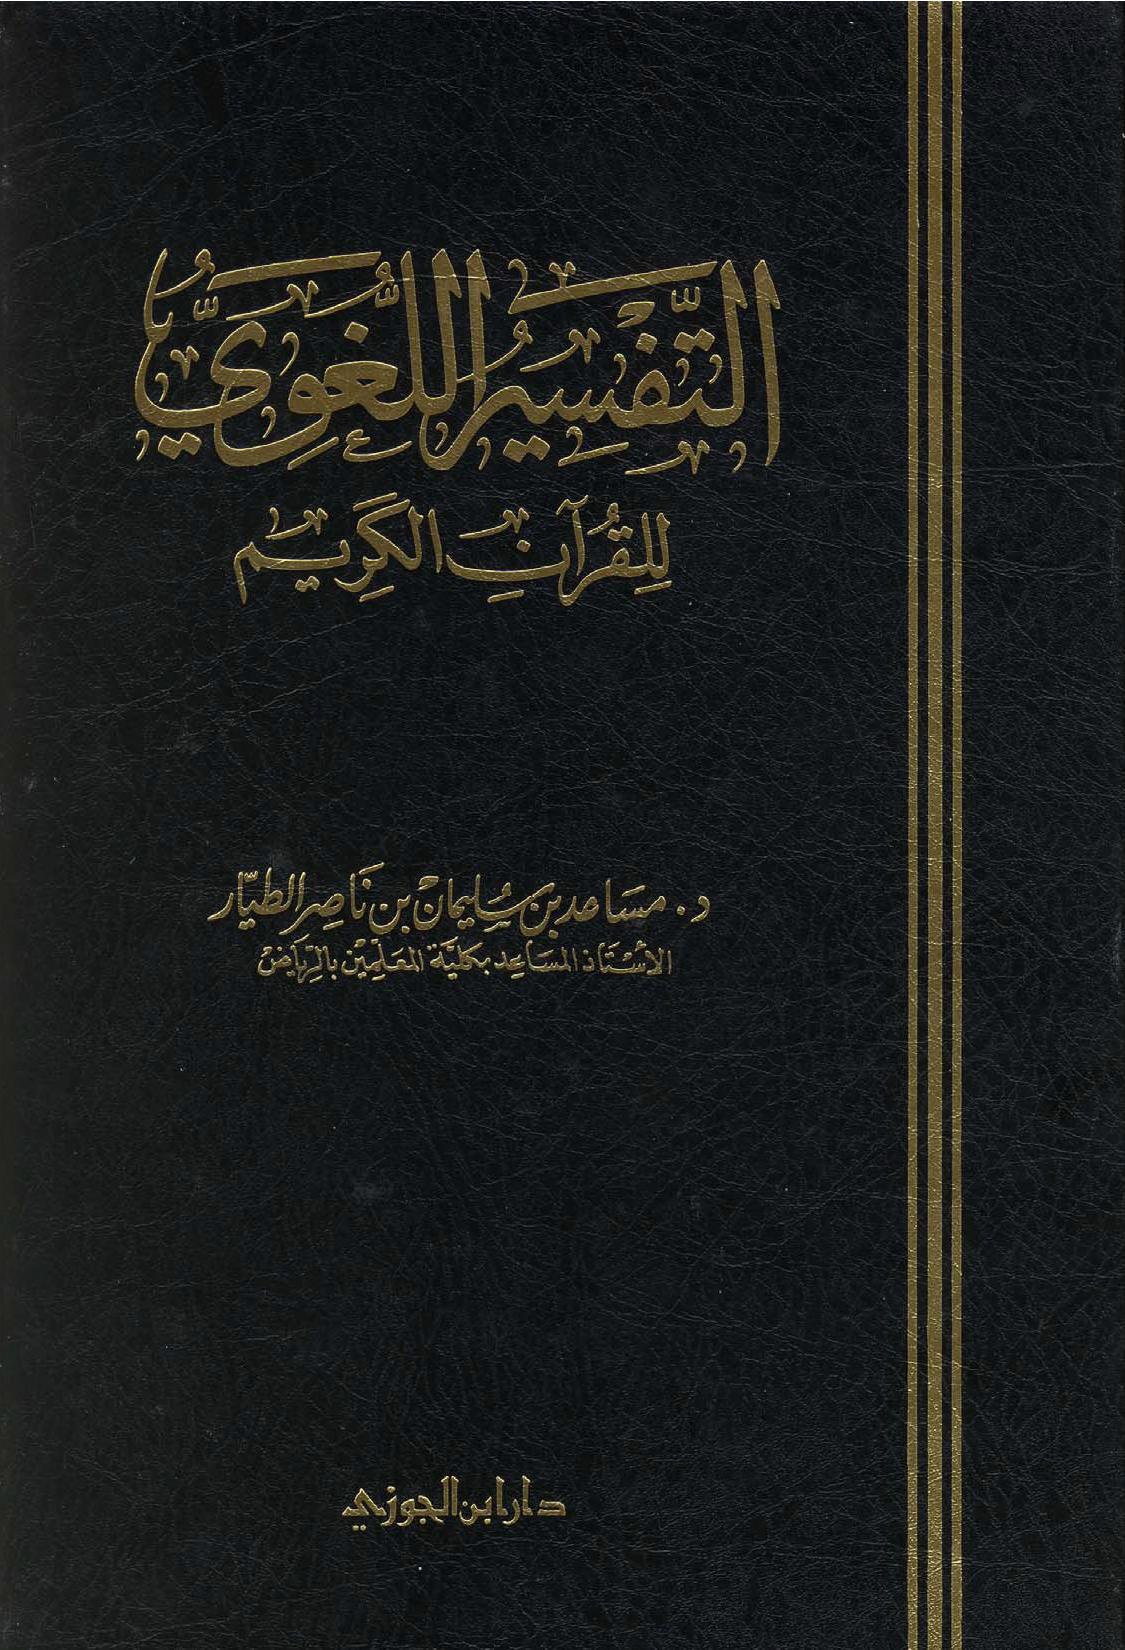 تحميل كتاب التفسير اللغوي للقرآن الكريم لـِ: الدكتور مساعد بن سليمان بن ناصر الطيار